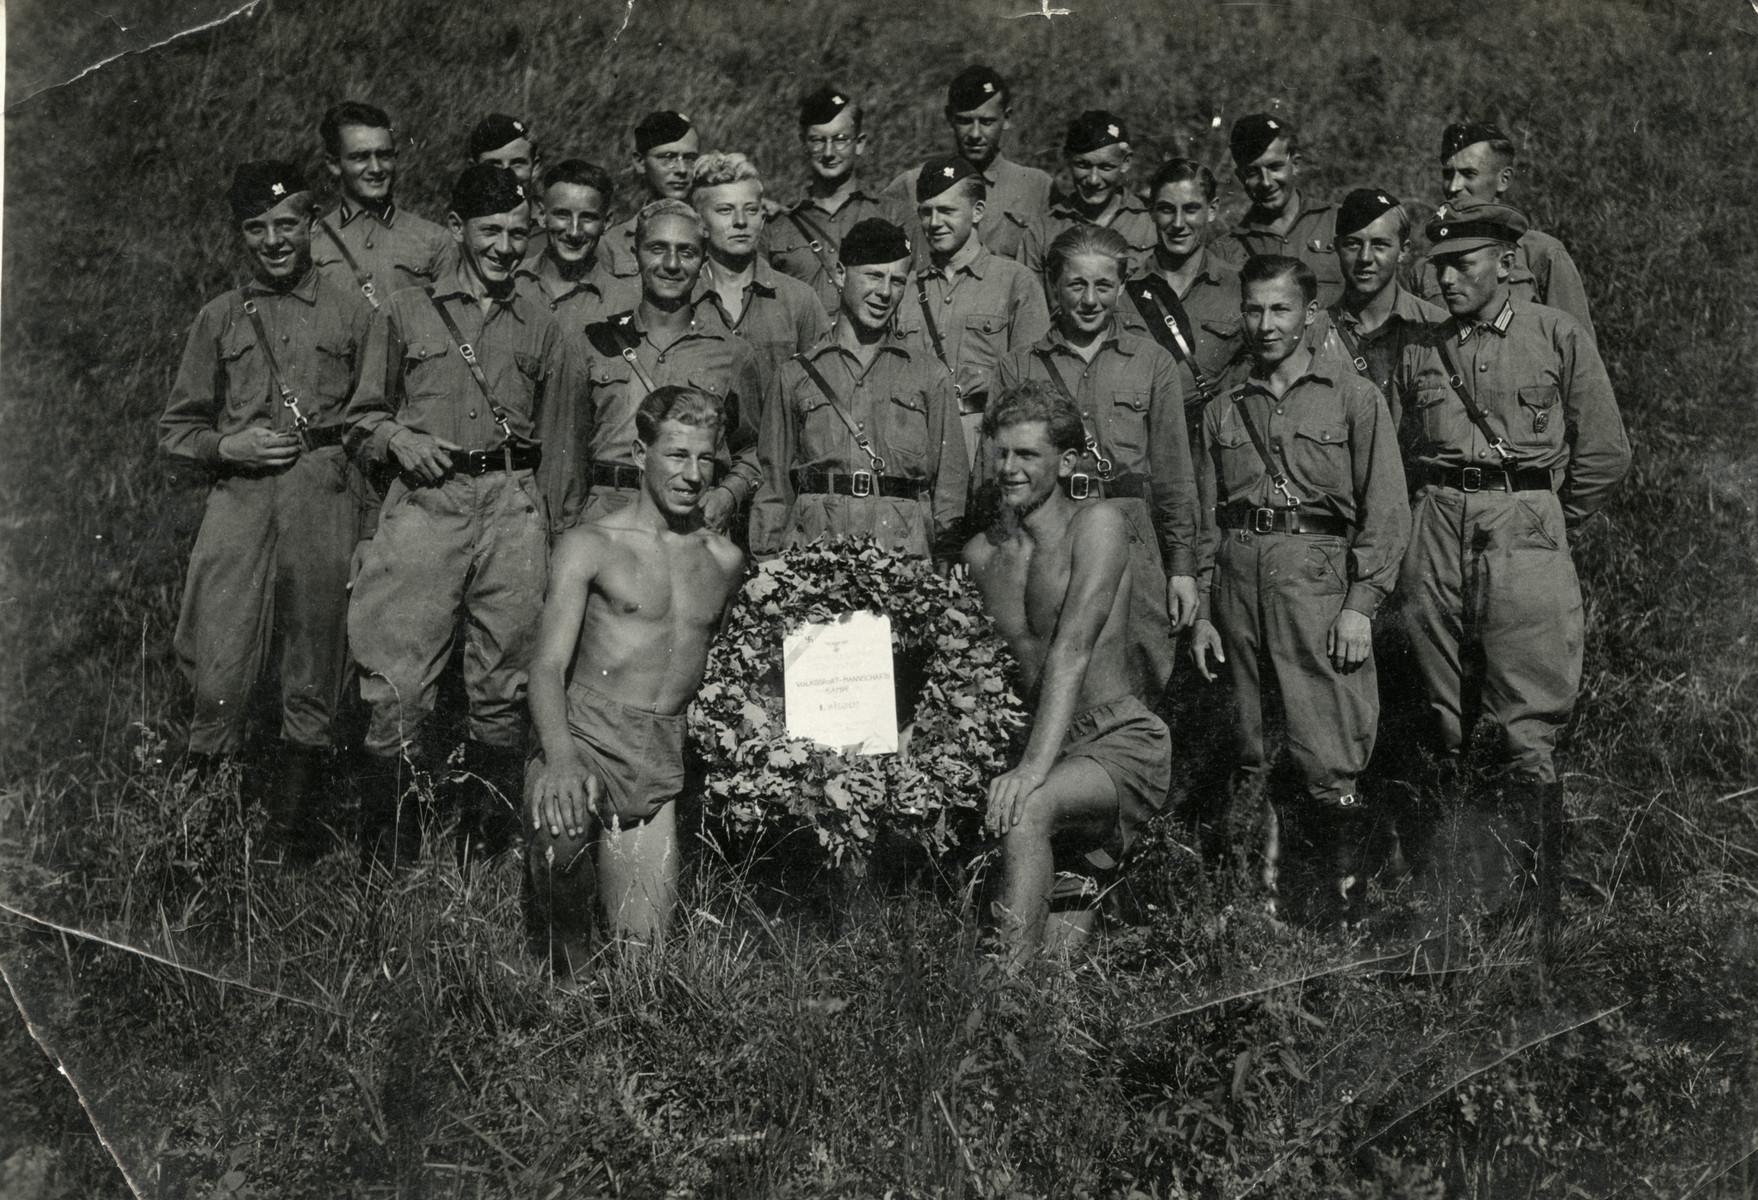 Kurt Markus participates in an Arbeitdienst work camp which was also a paramilitary organization.